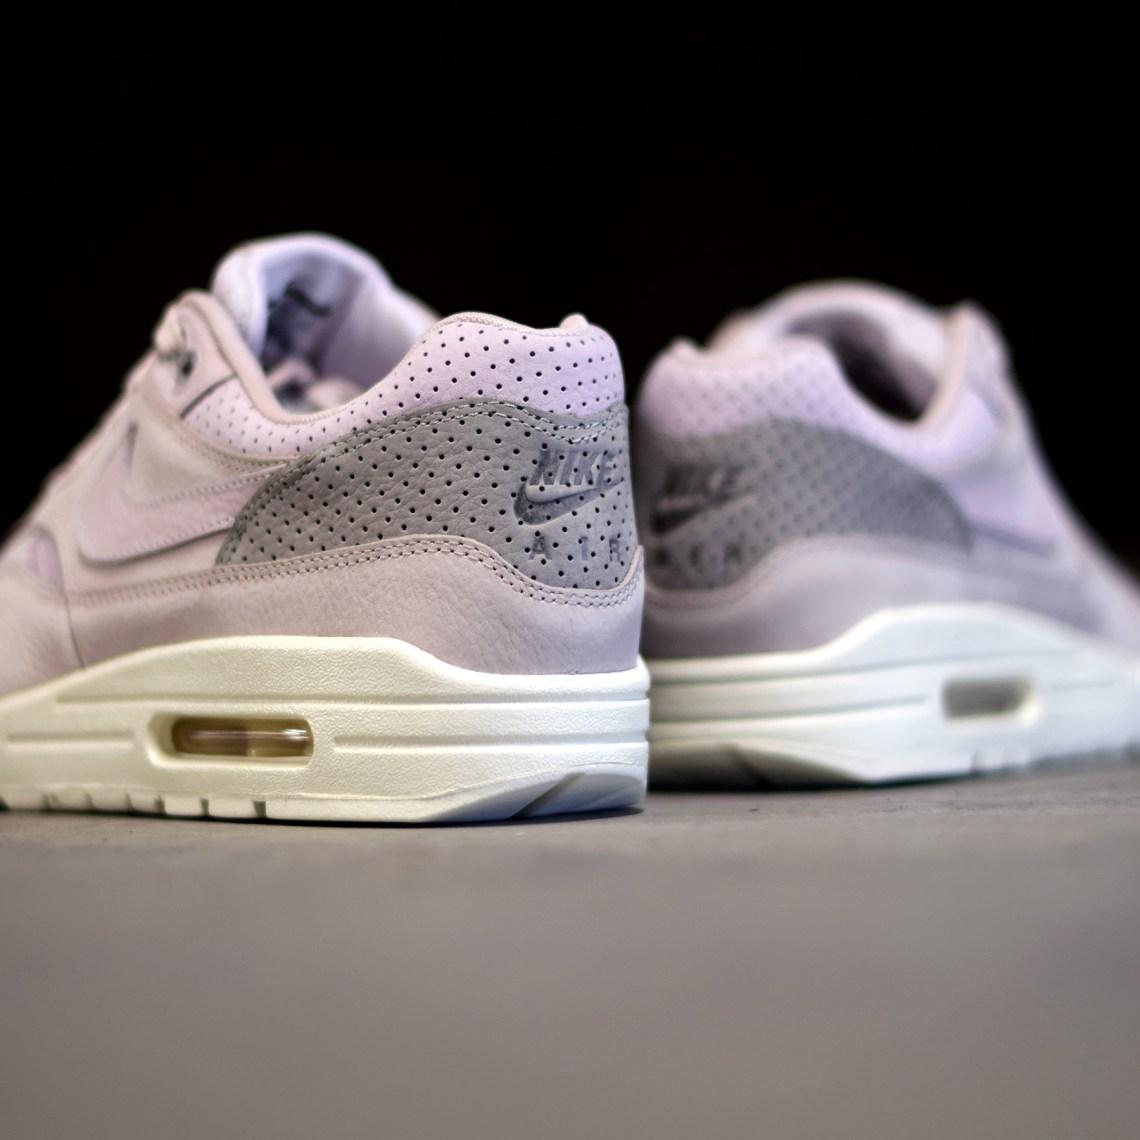 16e3608215f5 Nike Air Max 1 Pinnacle